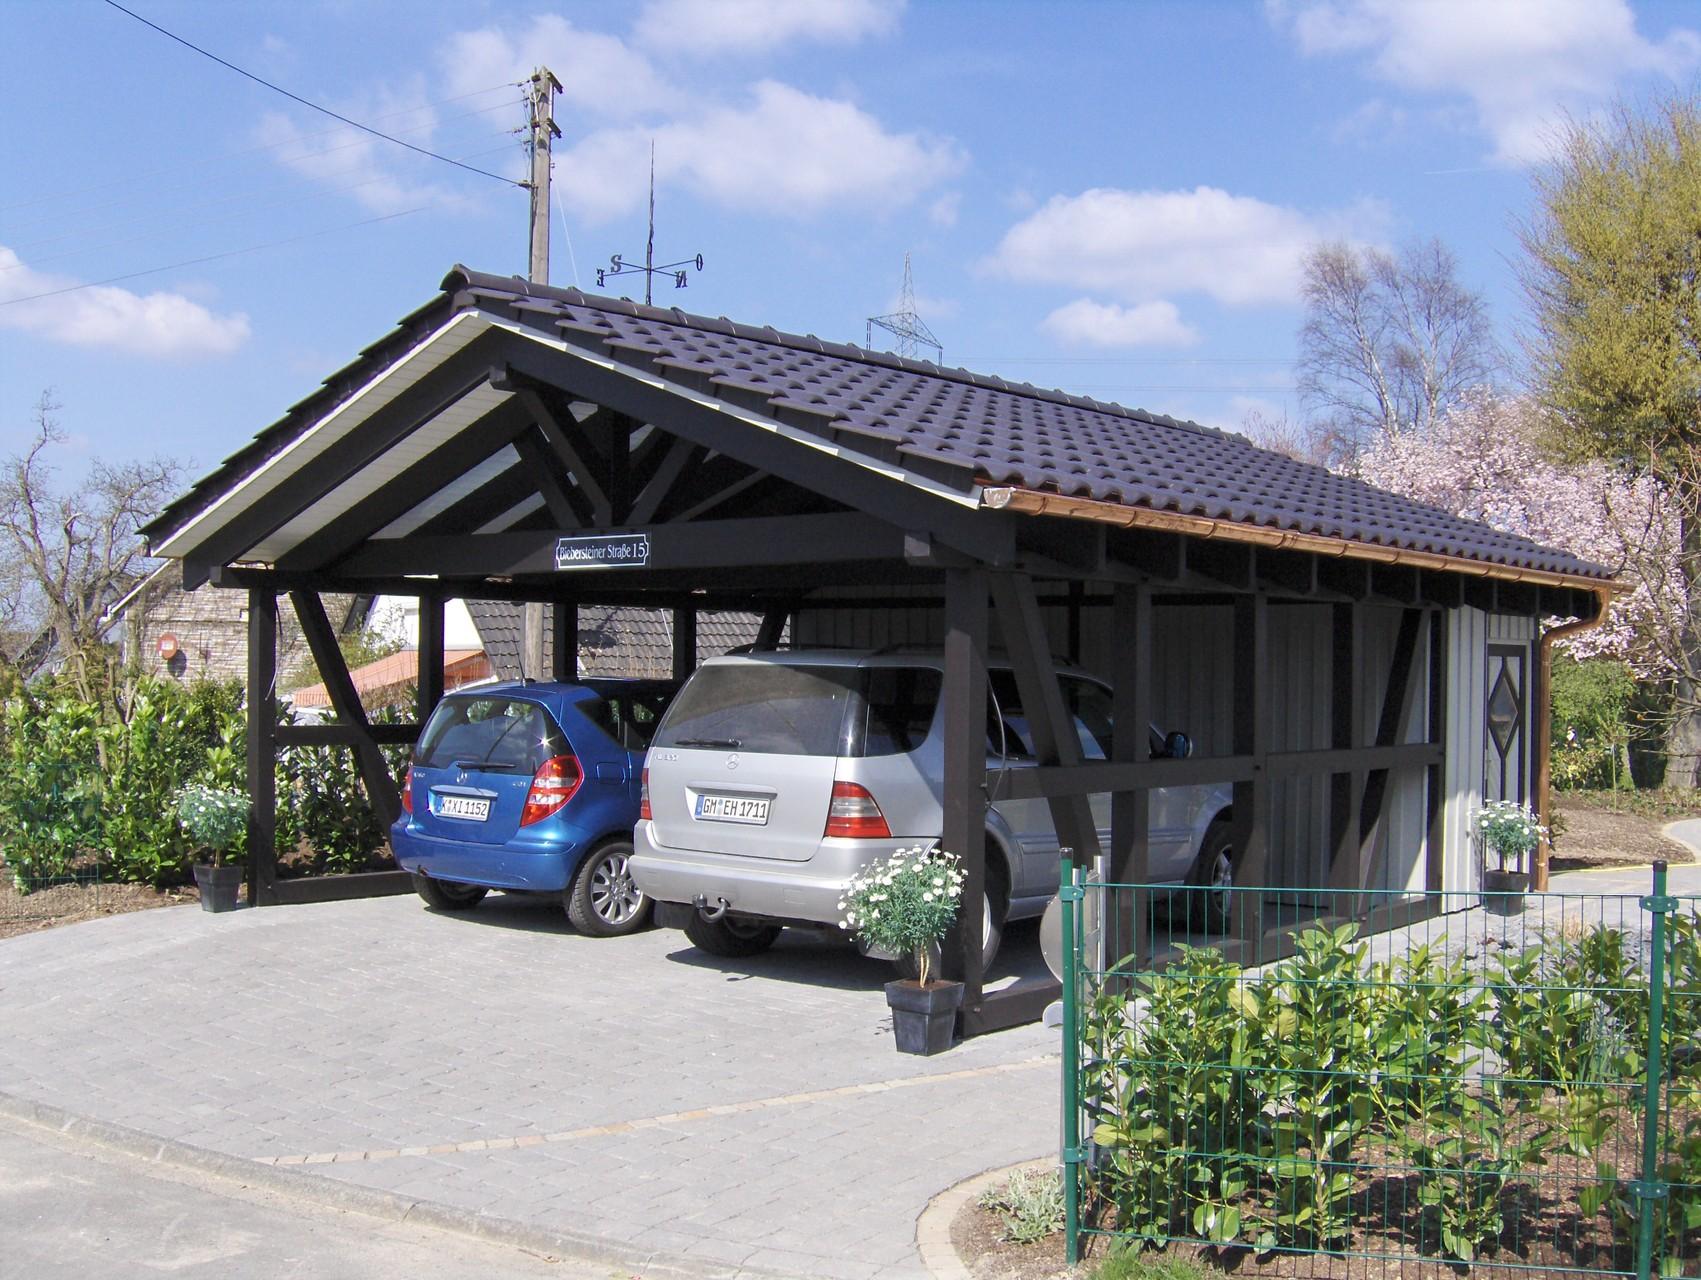 48. Spitzdach Carport Galerie